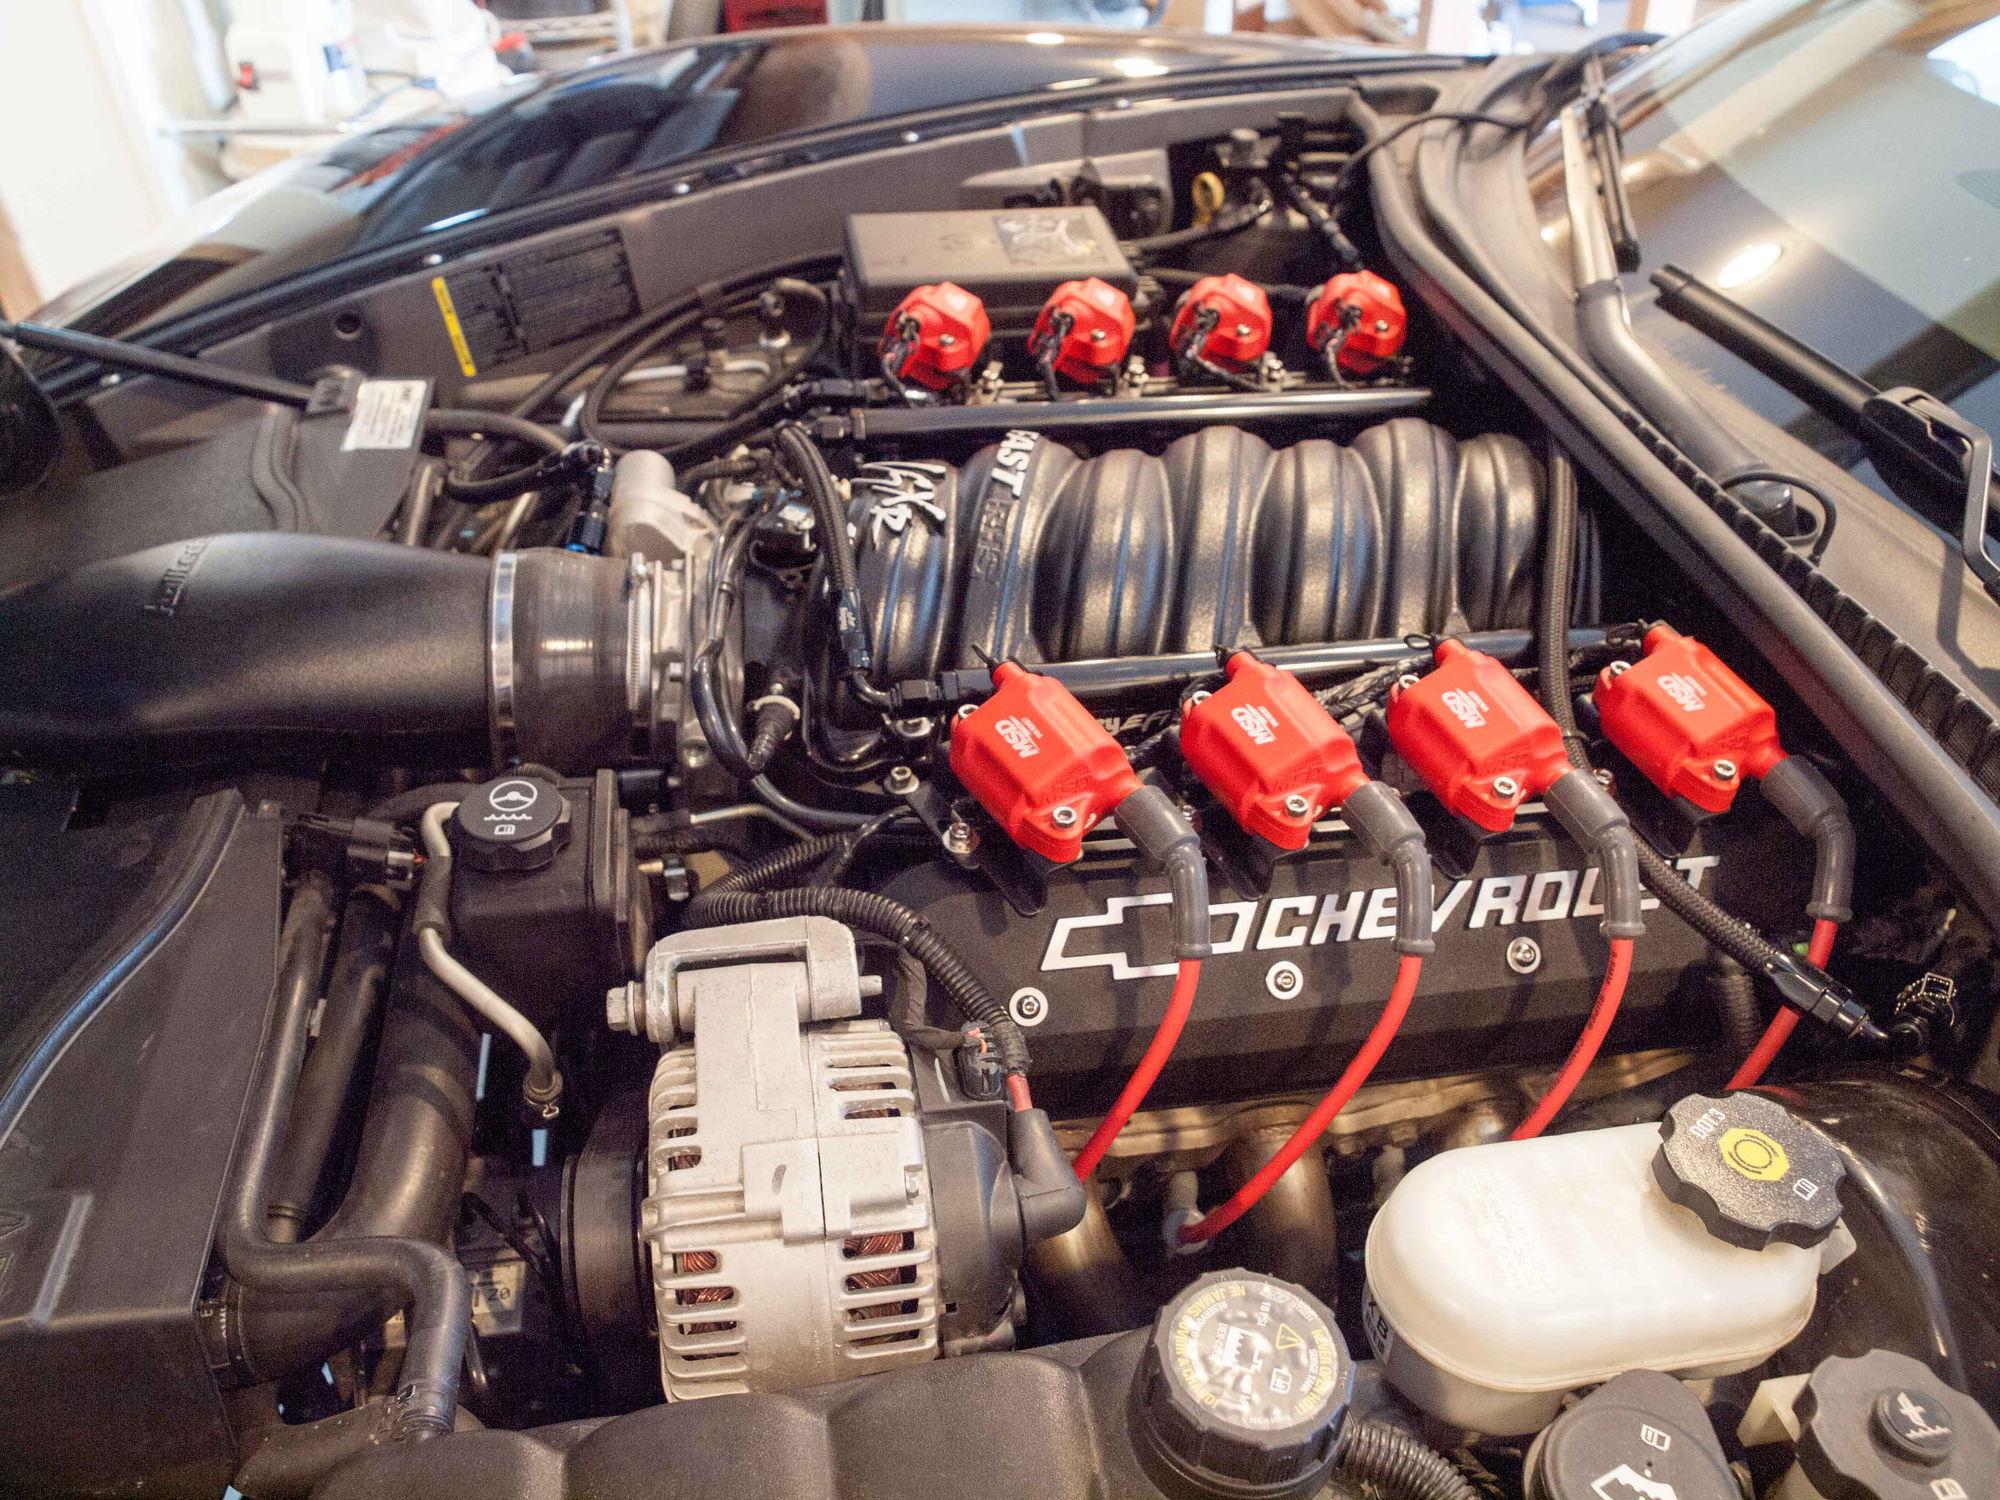 Vw Bug Coil Wiring 18 Diagram Images Diagrams 1969 Volkswagen Beetle 80 P4259058 49e2d8c750ec23a3935940e7665dfc2a6de43953 Corvette Pack 69